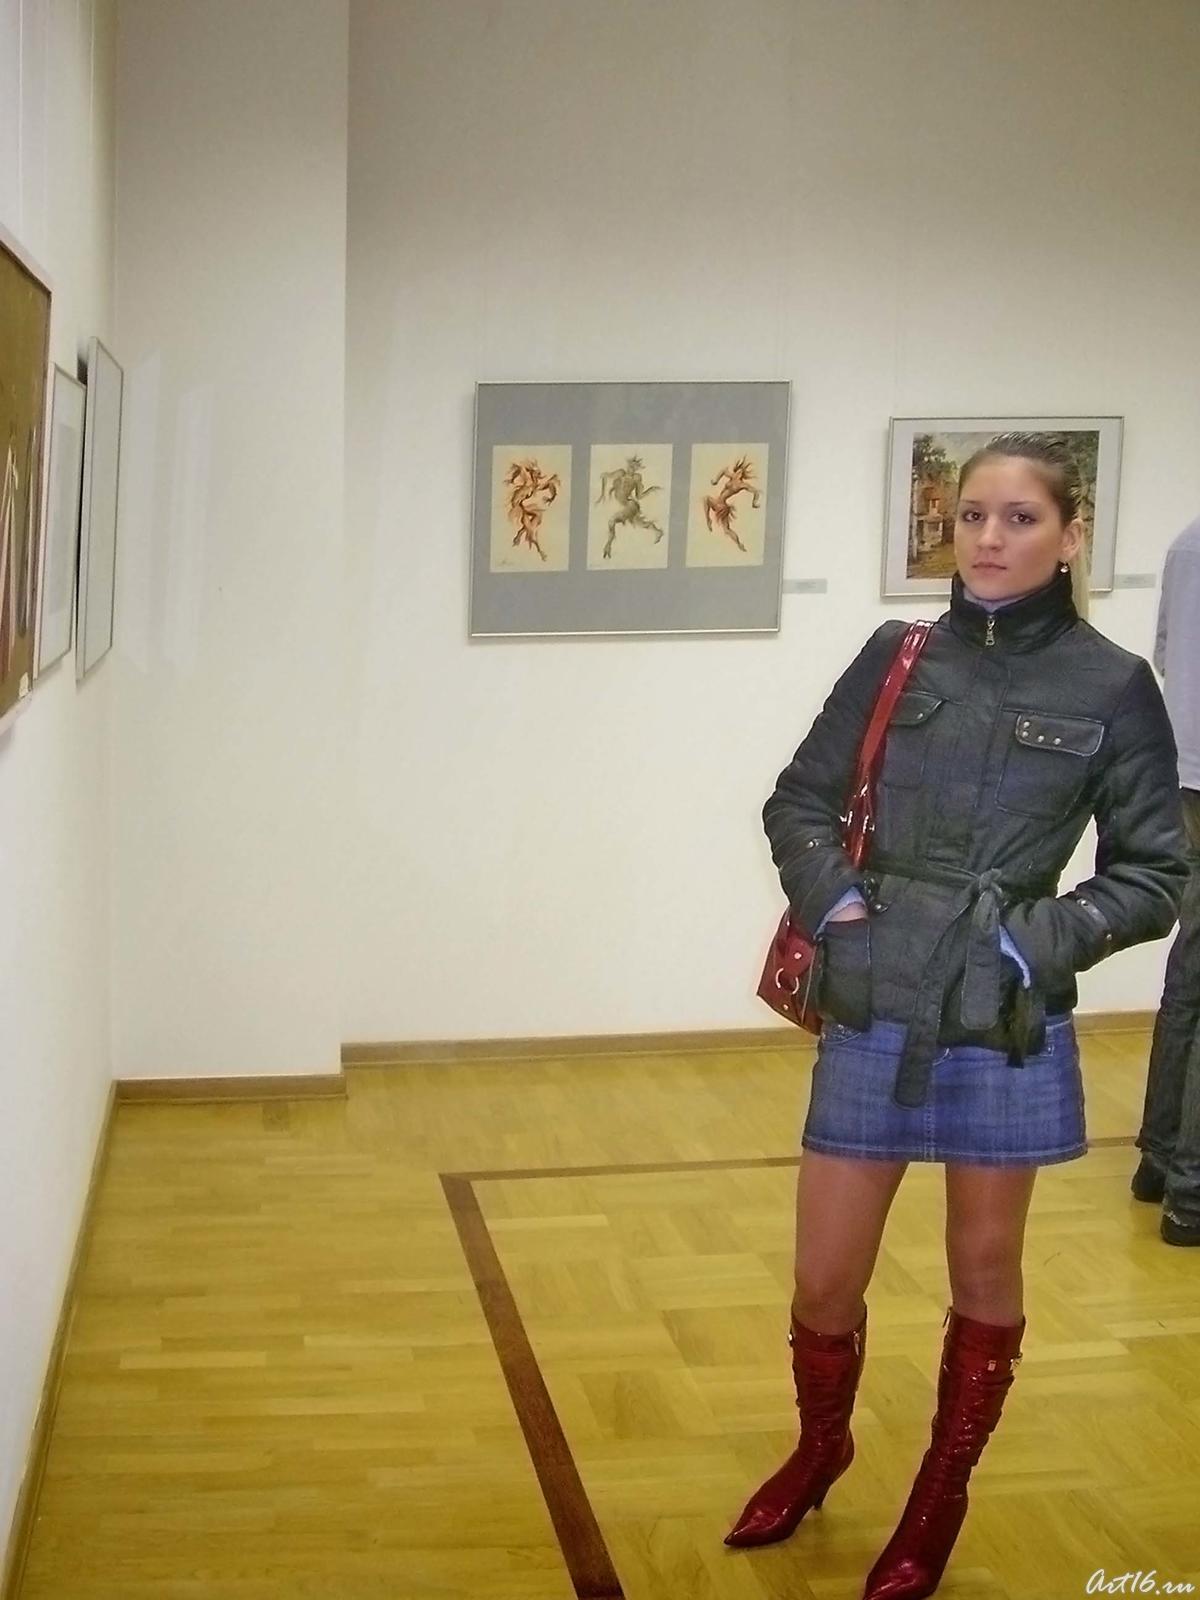 Фото №18185. Осмотр экспозиции зала с работами Л.Л.Сперанской